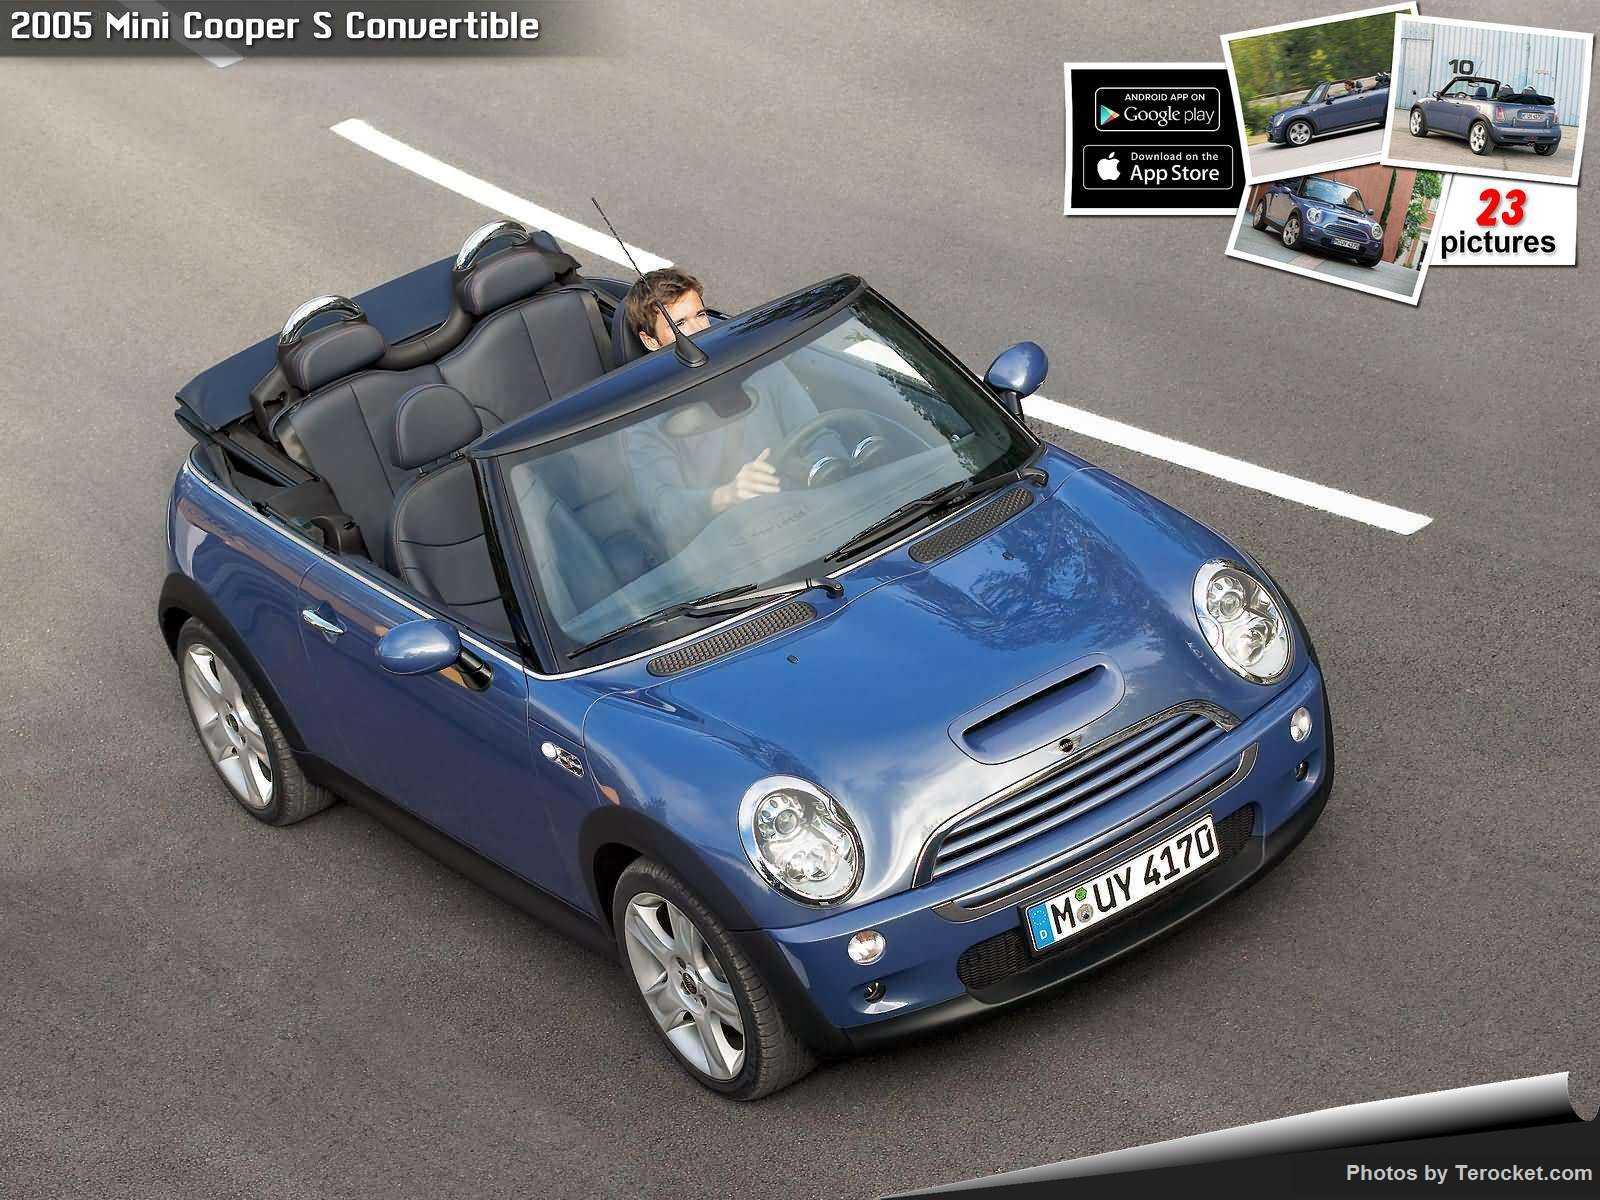 Hình ảnh xe ô tô Mini Cooper S Convertible 2005 & nội ngoại thất